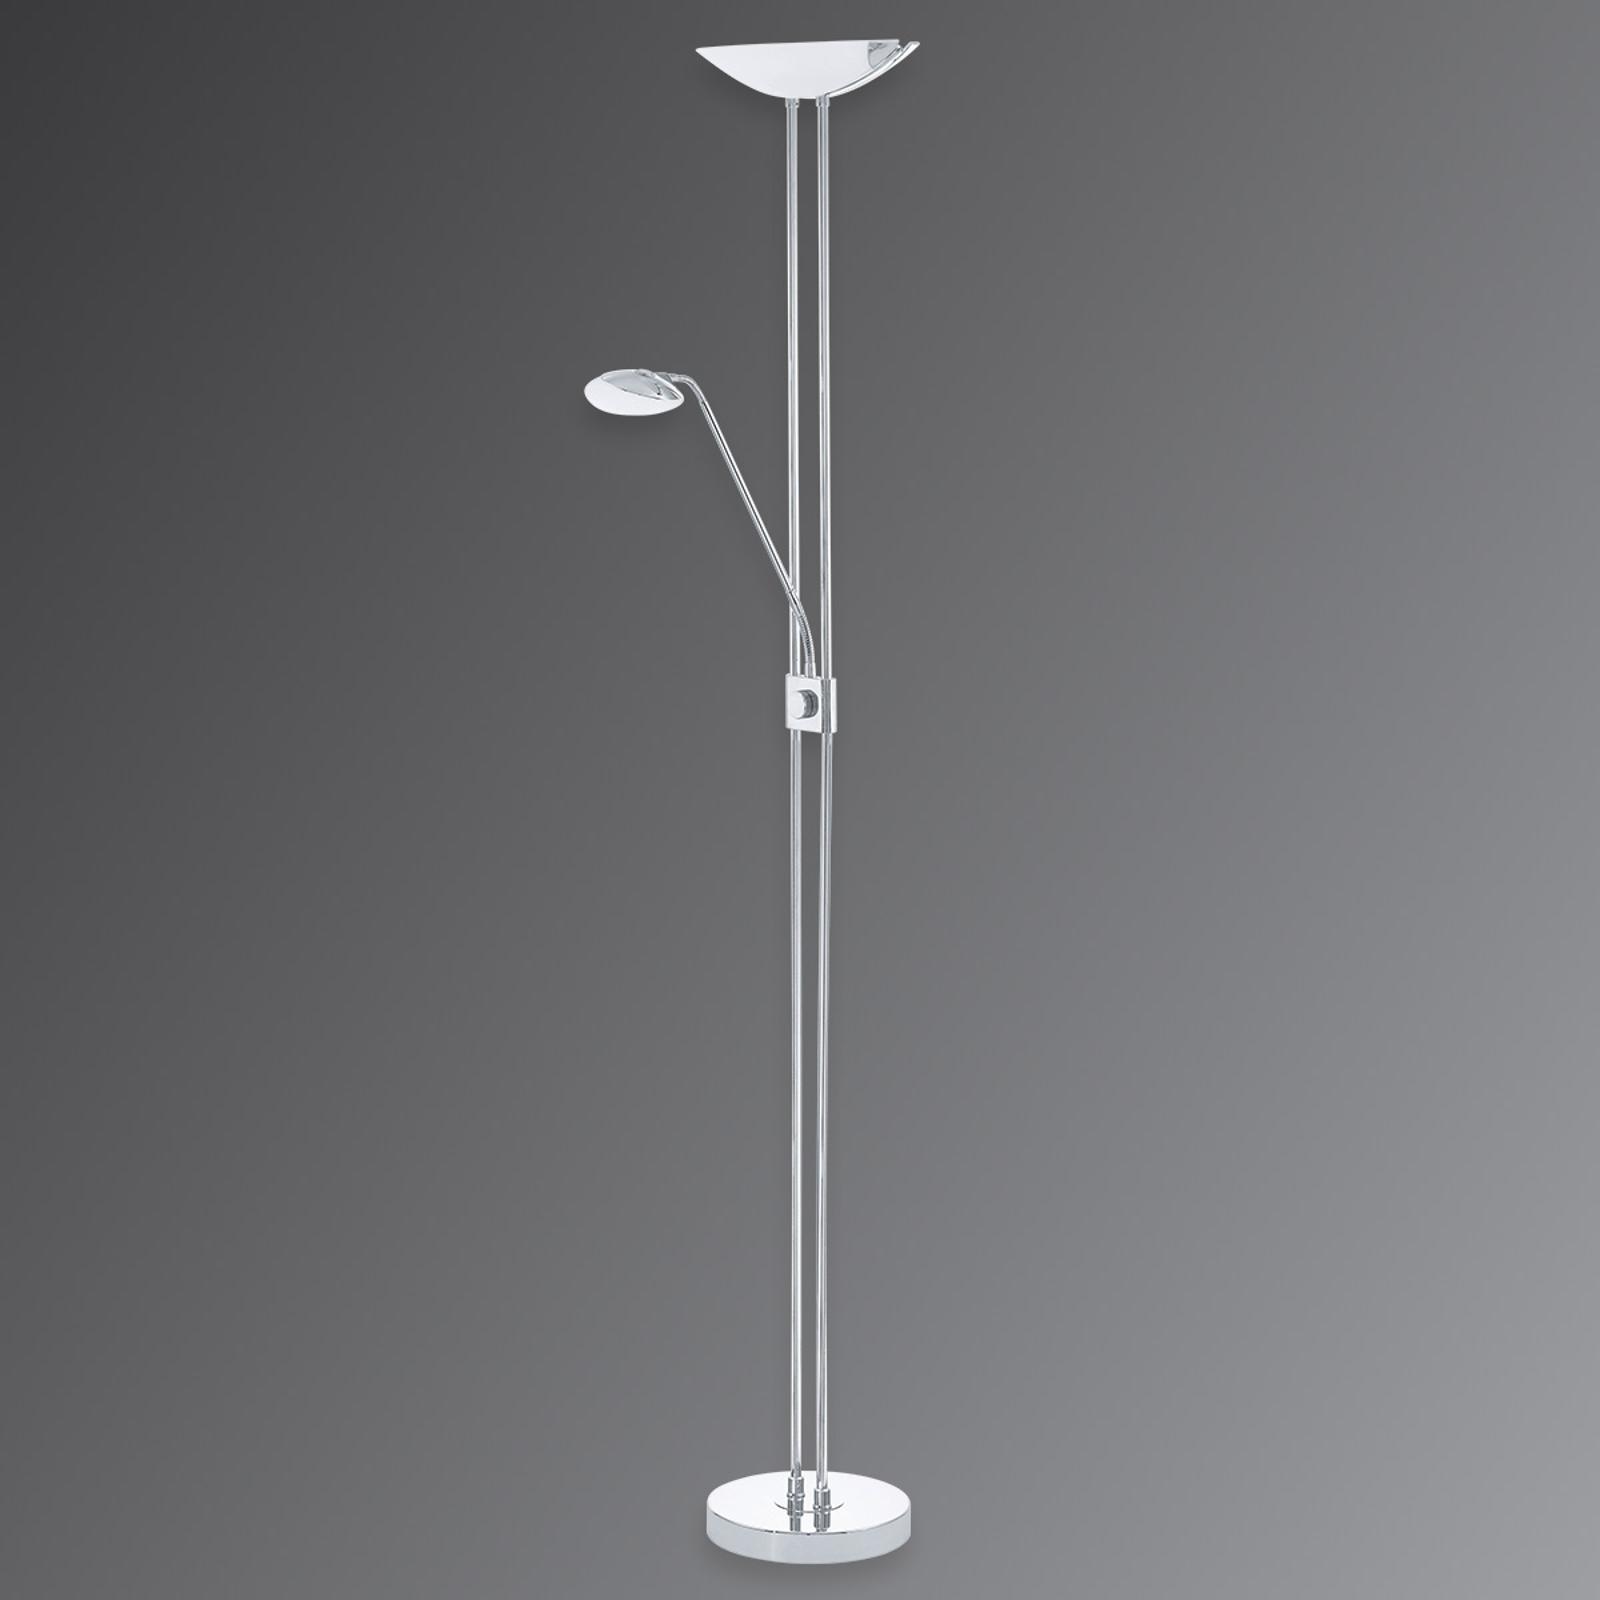 Baya - forkromet LED-uplightlampe med læselys